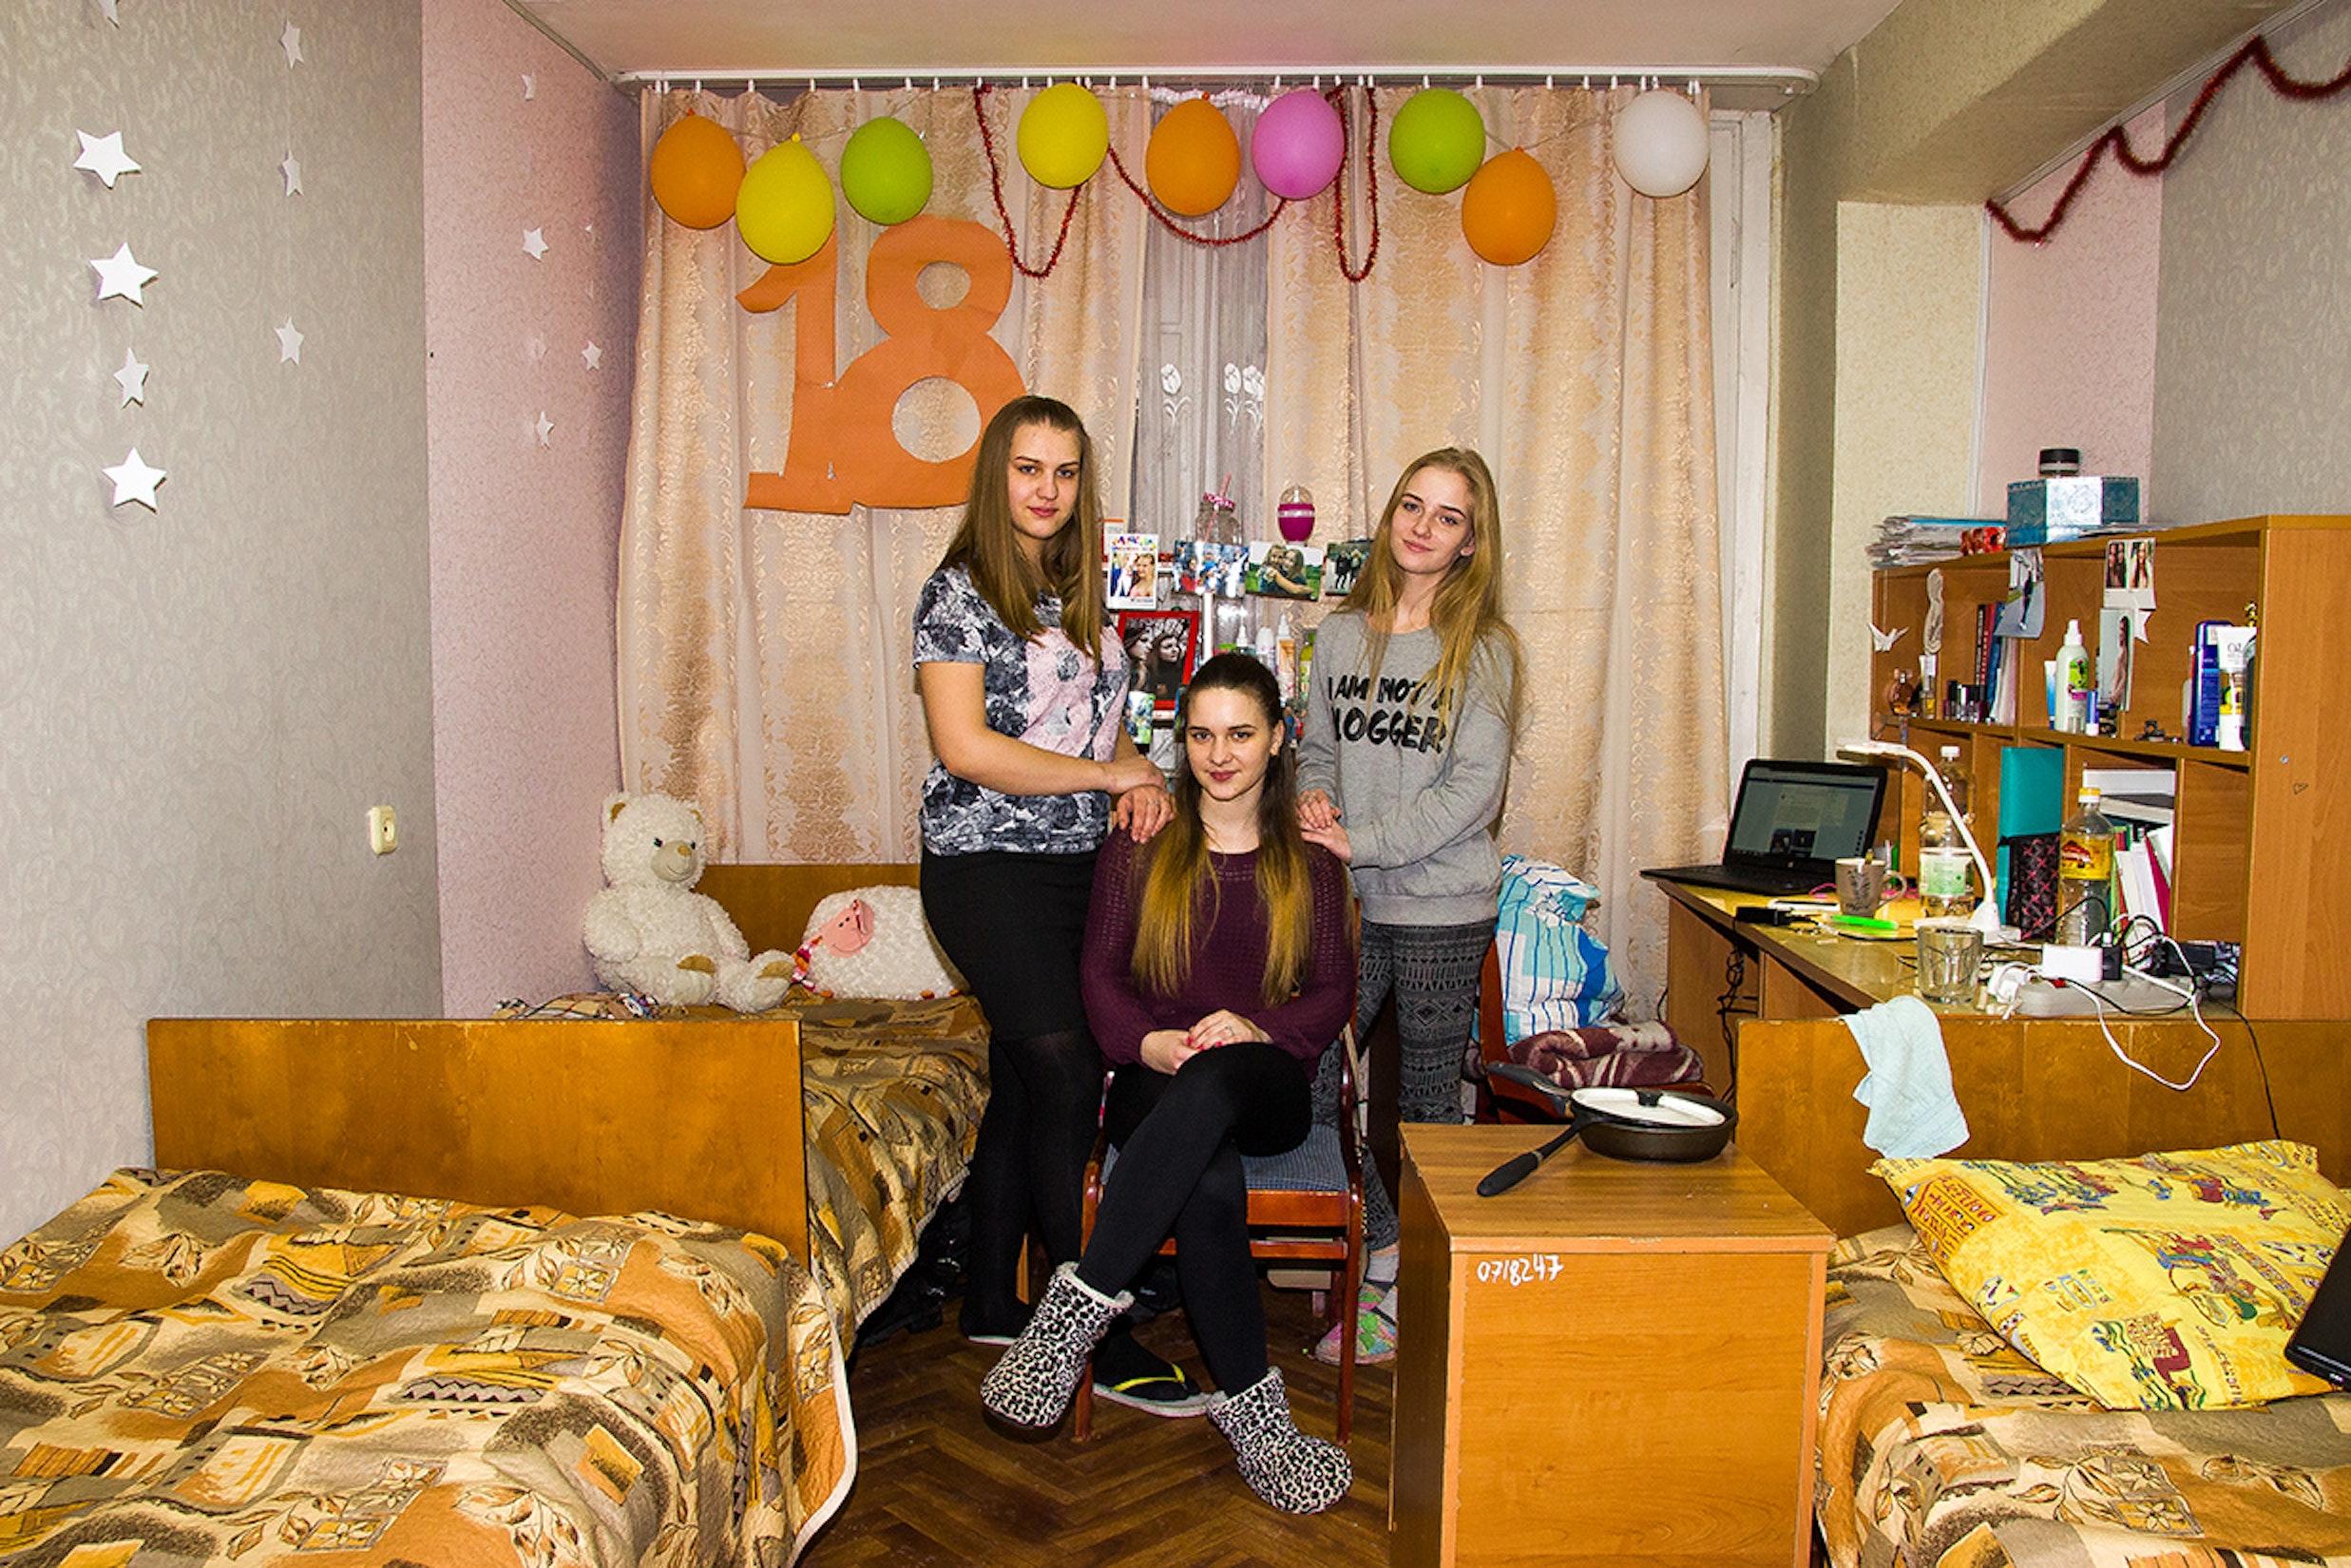 урок кончился фото в общежитии девчата приходилось вызвать сантехника